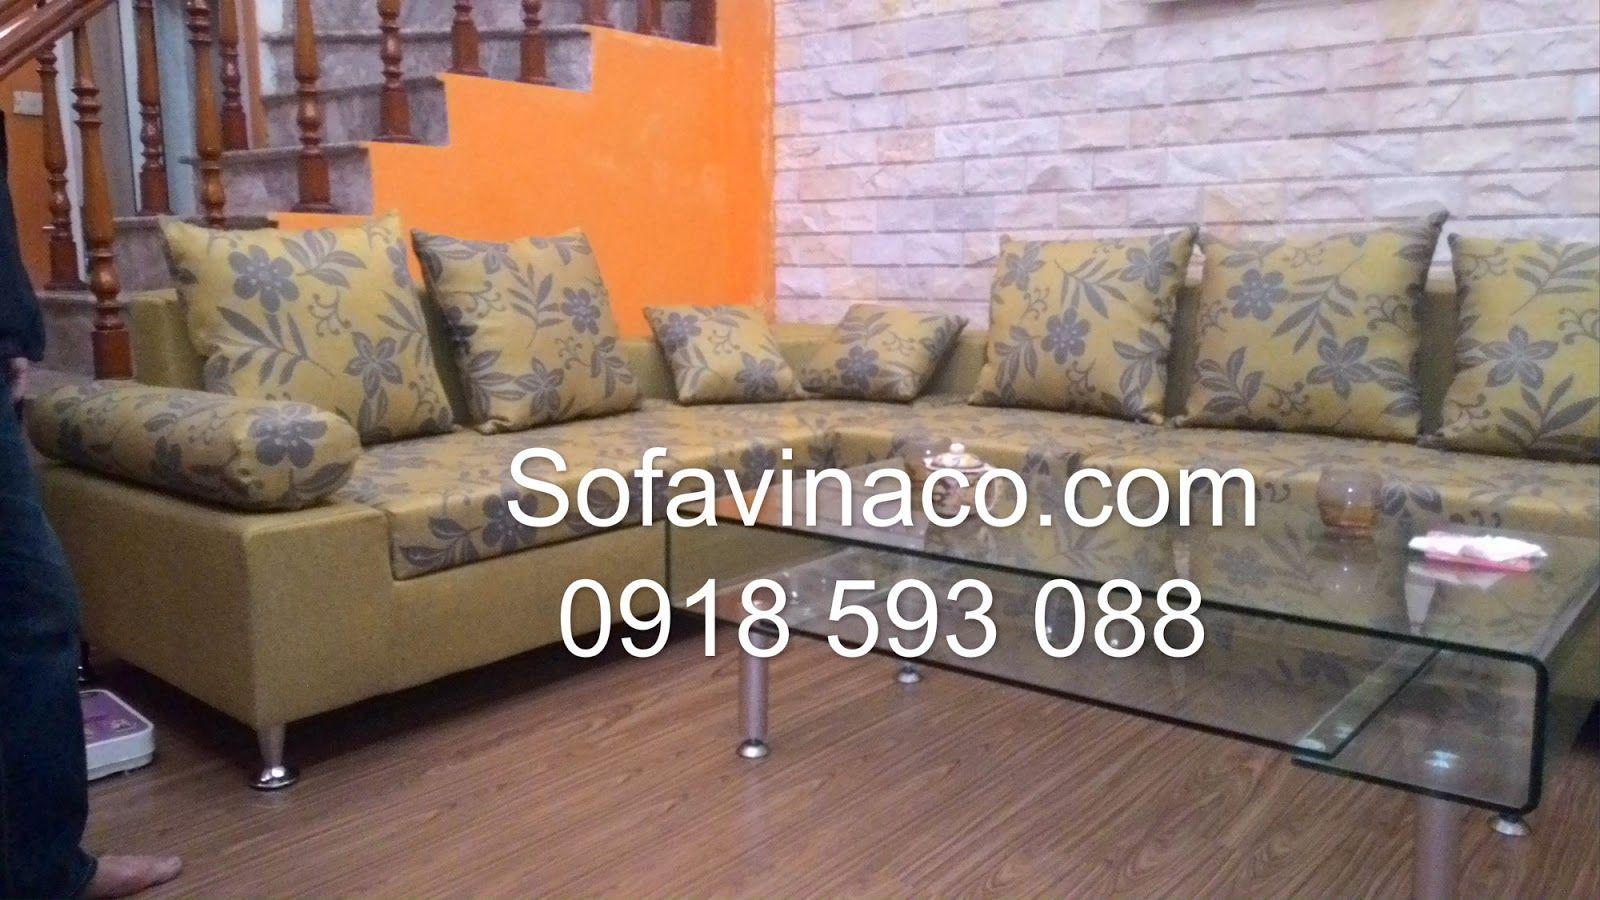 Gợi ý cách bài trí ghế sofa cho phù hợp với phong thủy gia chủ